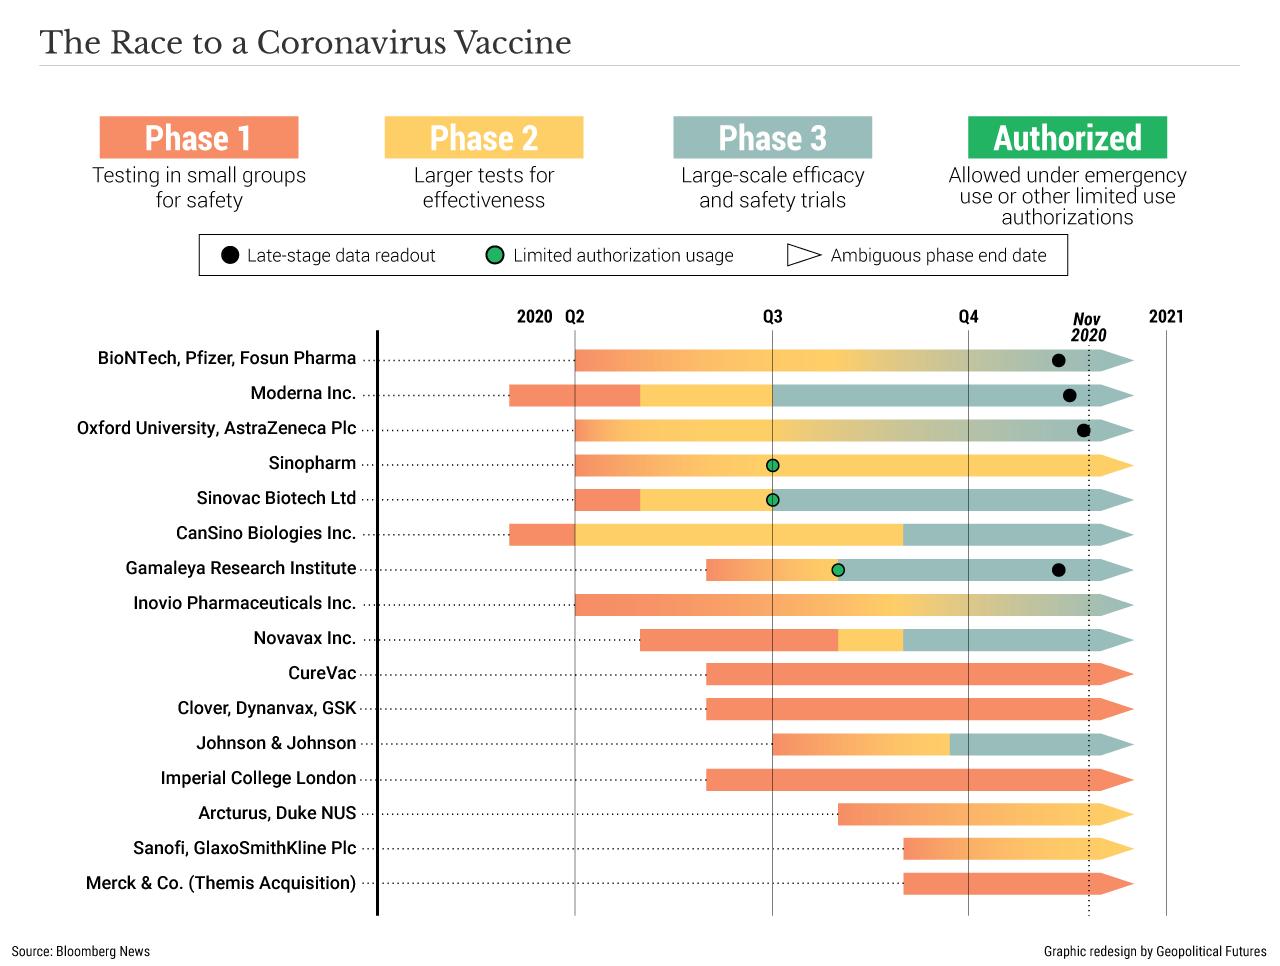 La corsa a un vaccino contro il coronavirus